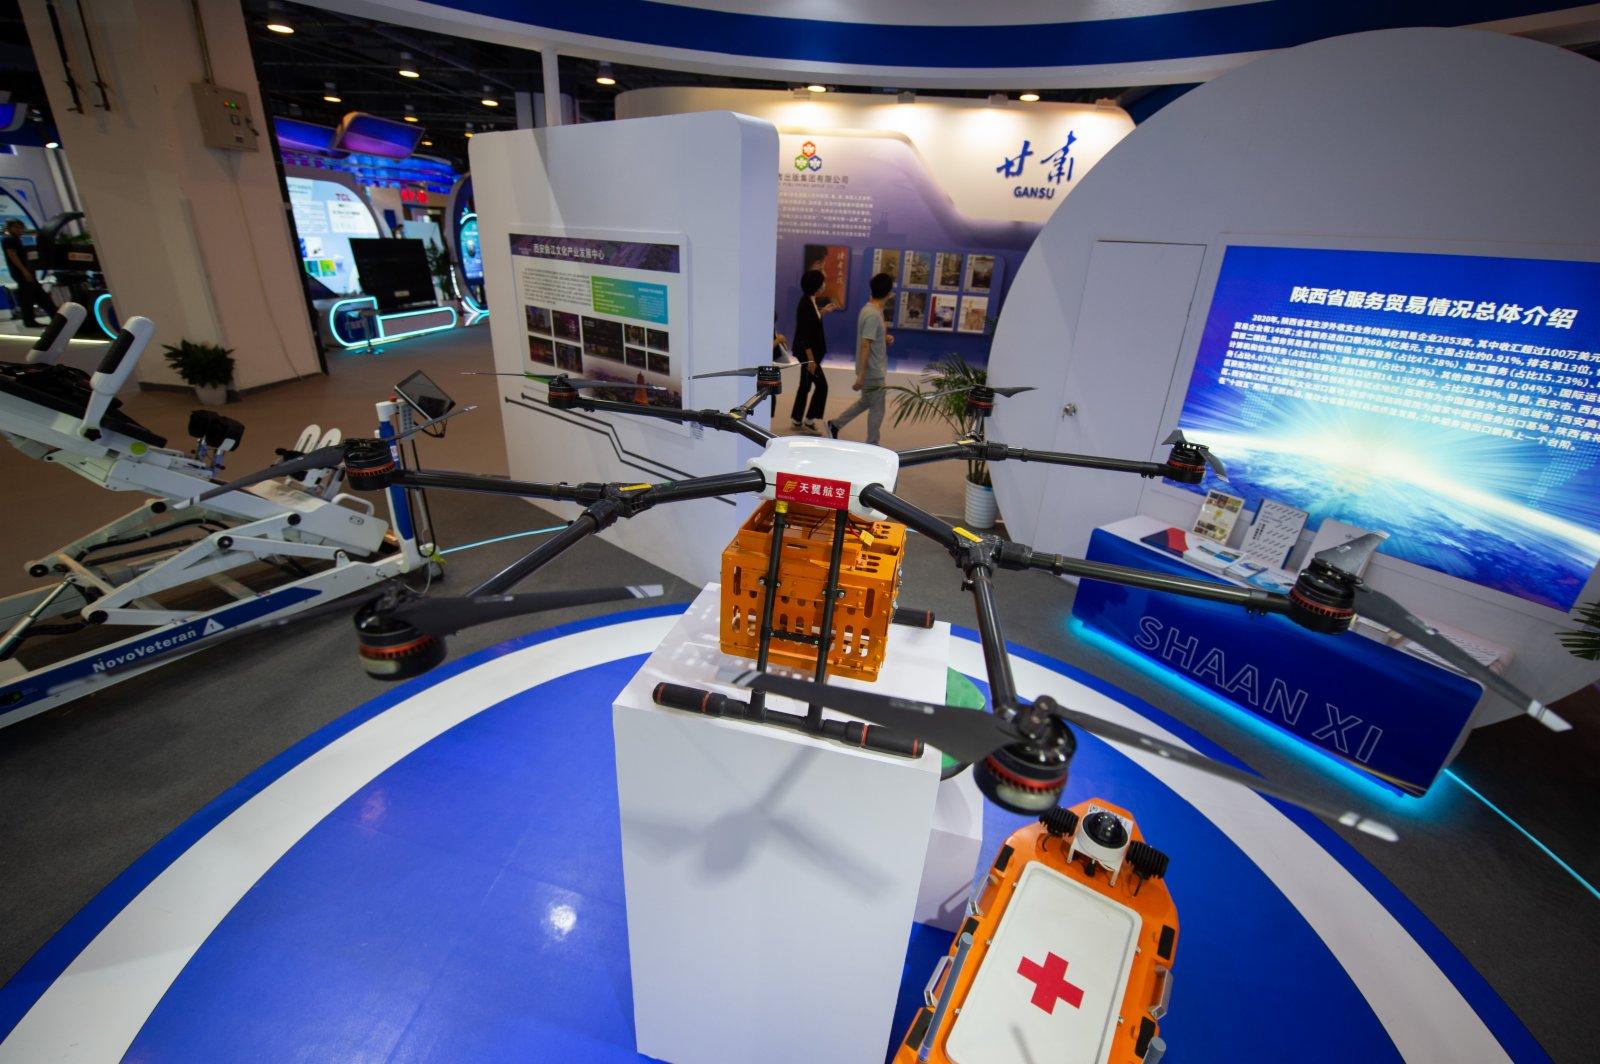 這是9月4日在服貿會國家會議中心展區陜西展位上拍攝的森林草原滅火無人機。(新華社)